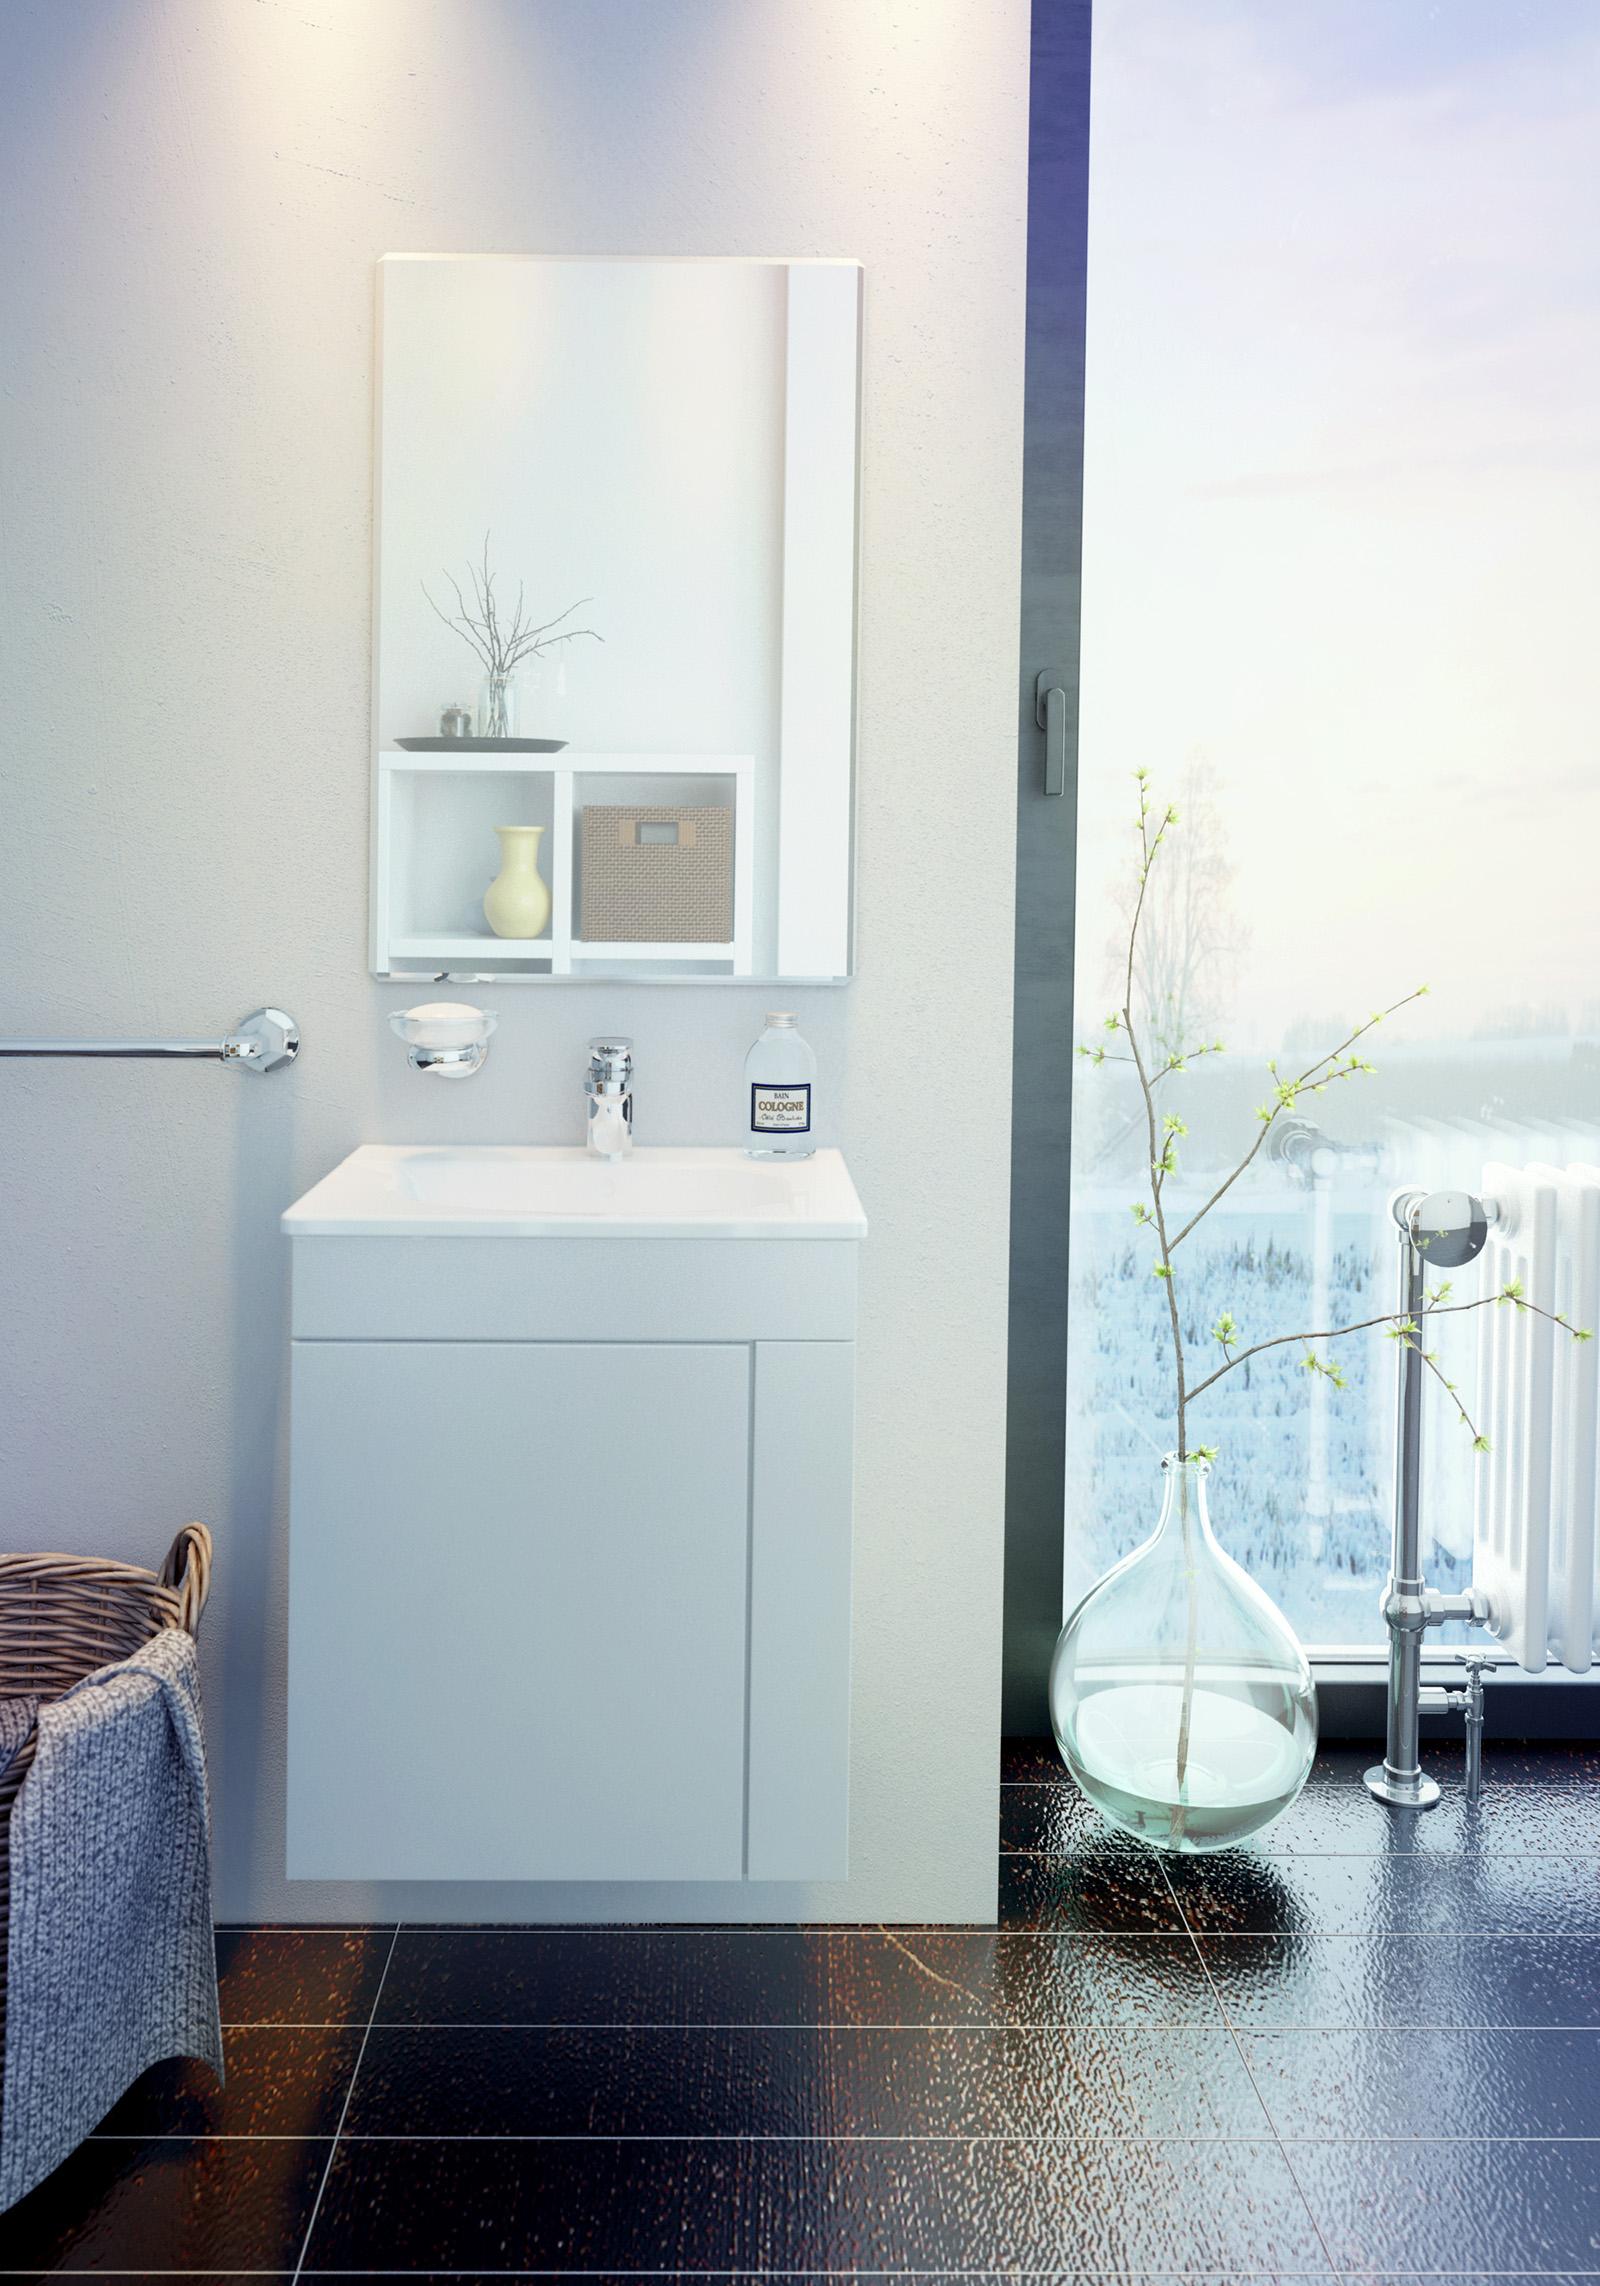 Визуализация шкафчиков для ванной комнаты для рекламы магазина